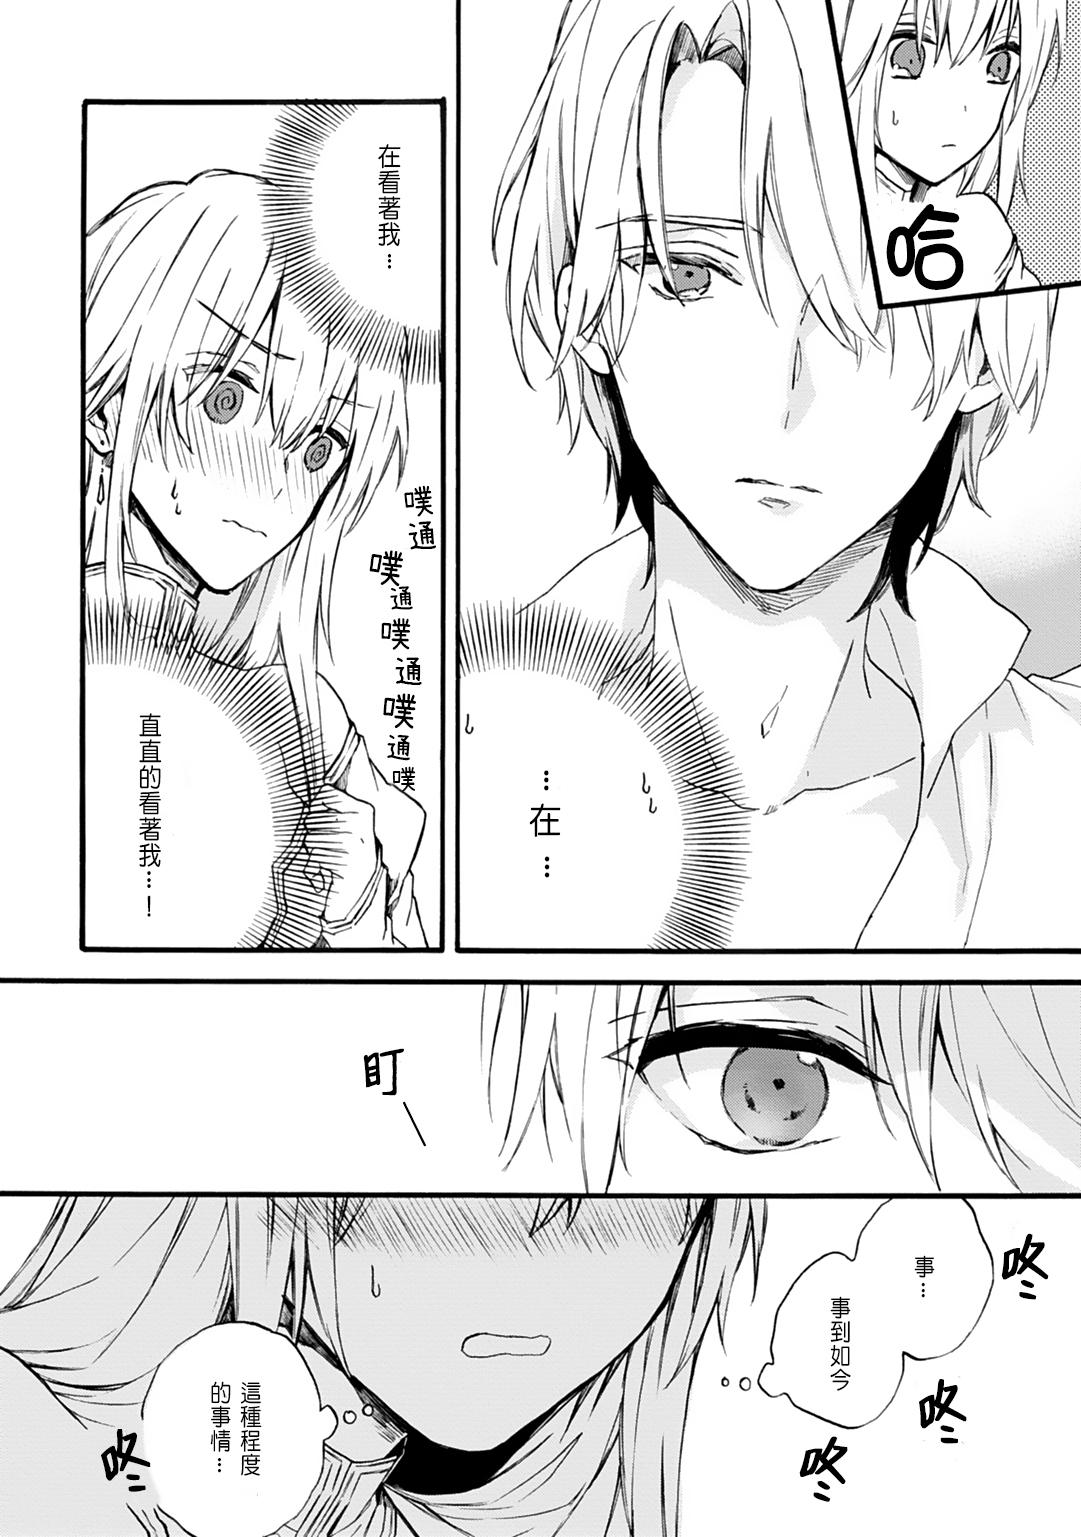 [Suzushiro Nerita] Otomege (18-kin) de Nyotaika shita Ore wa ~Clear Jouken wa Dekiai Ecchi!?~ 1-3 [Chinese] 53